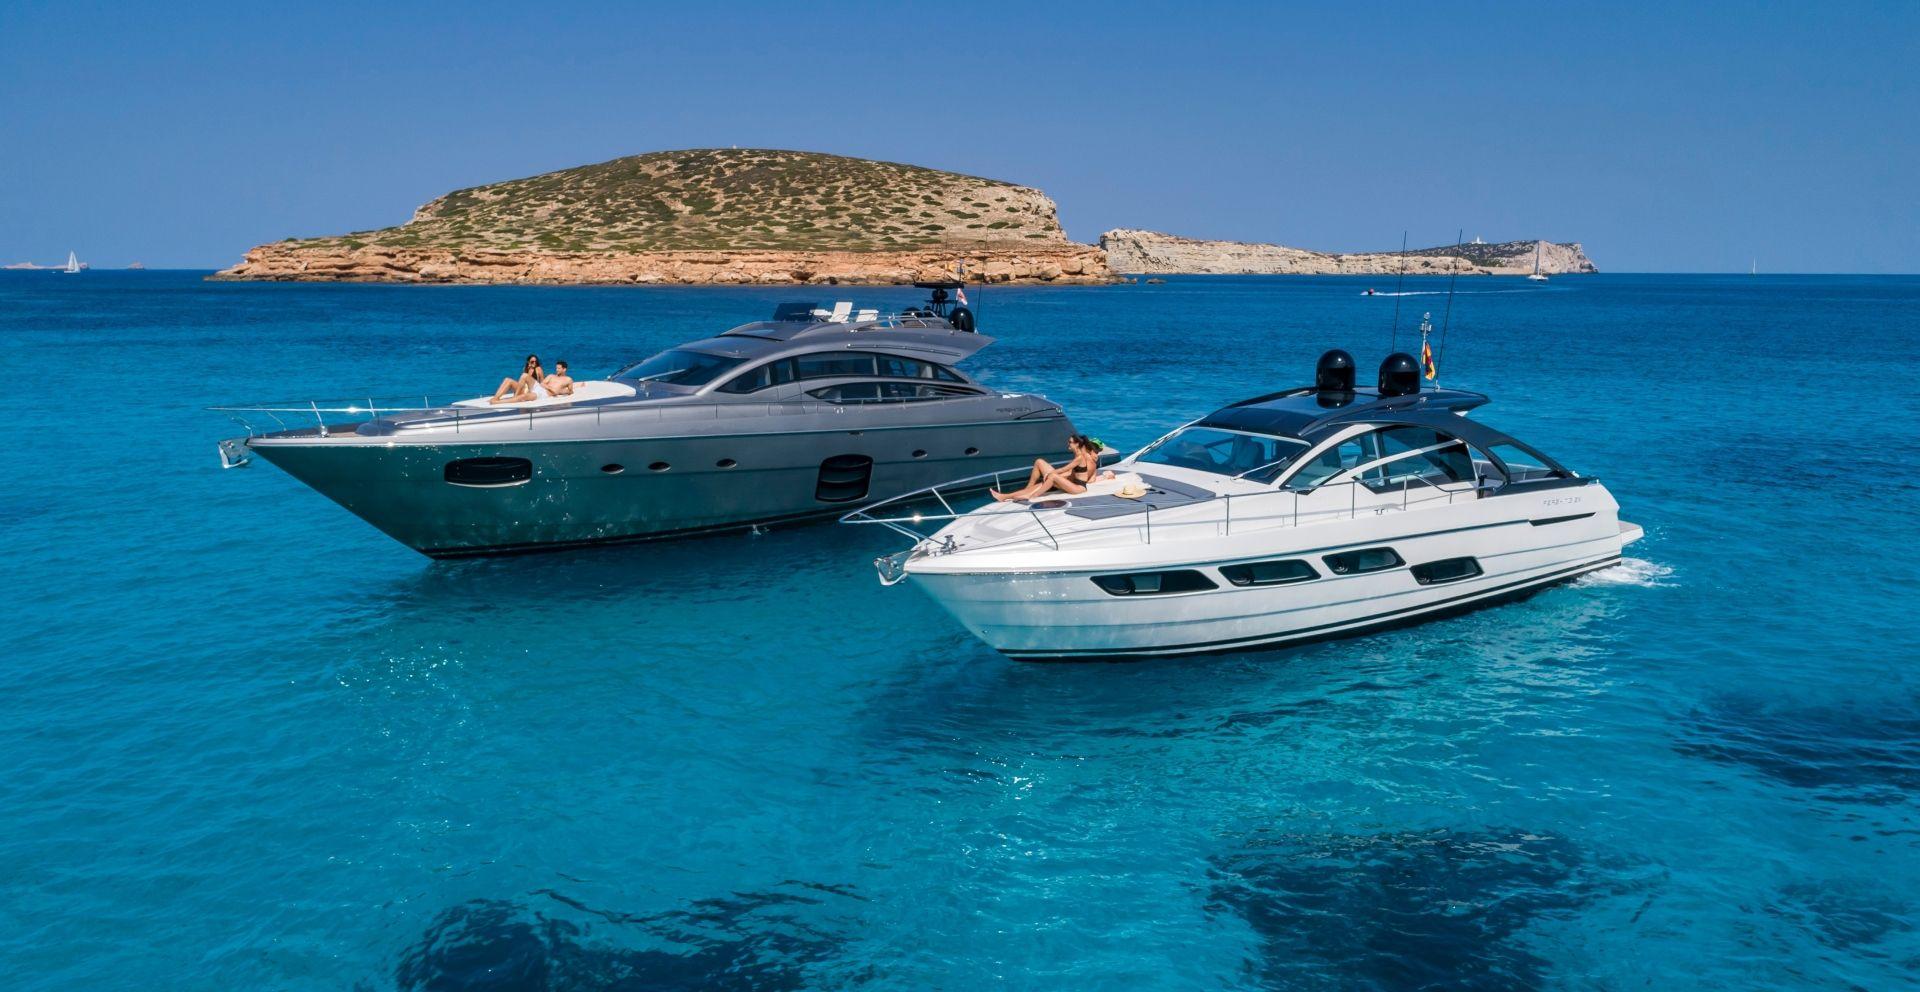 Pershing Yacht cruise around the island.